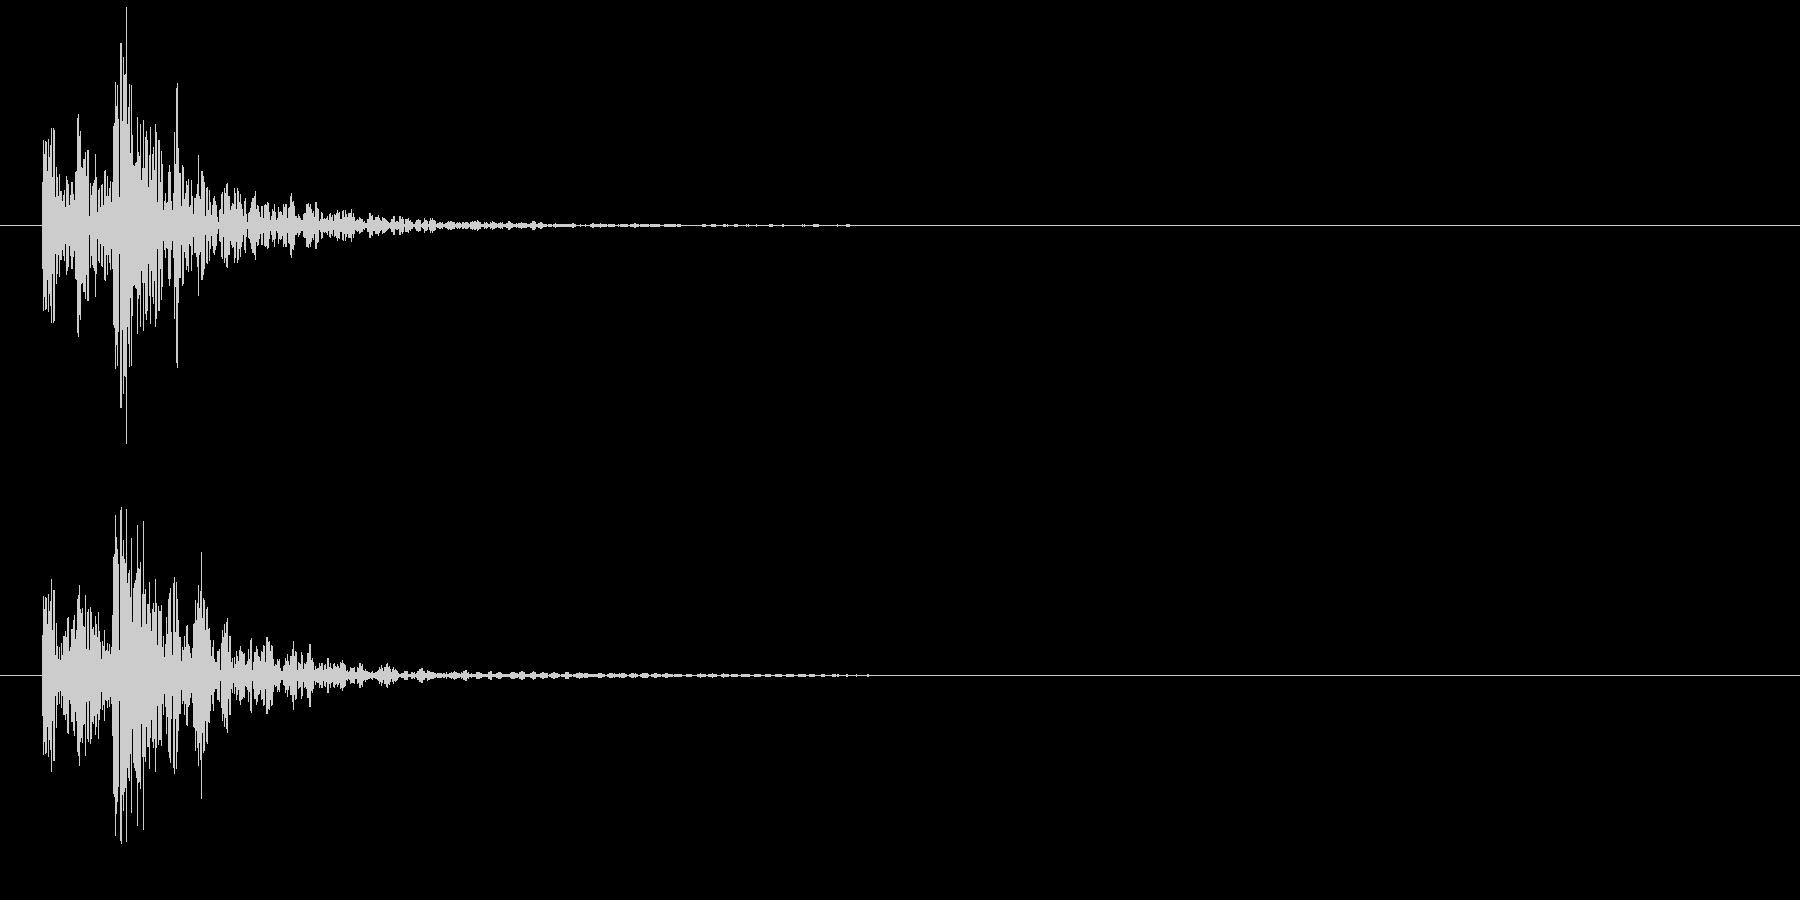 和太鼓お囃子(ドドンッ) 2の未再生の波形